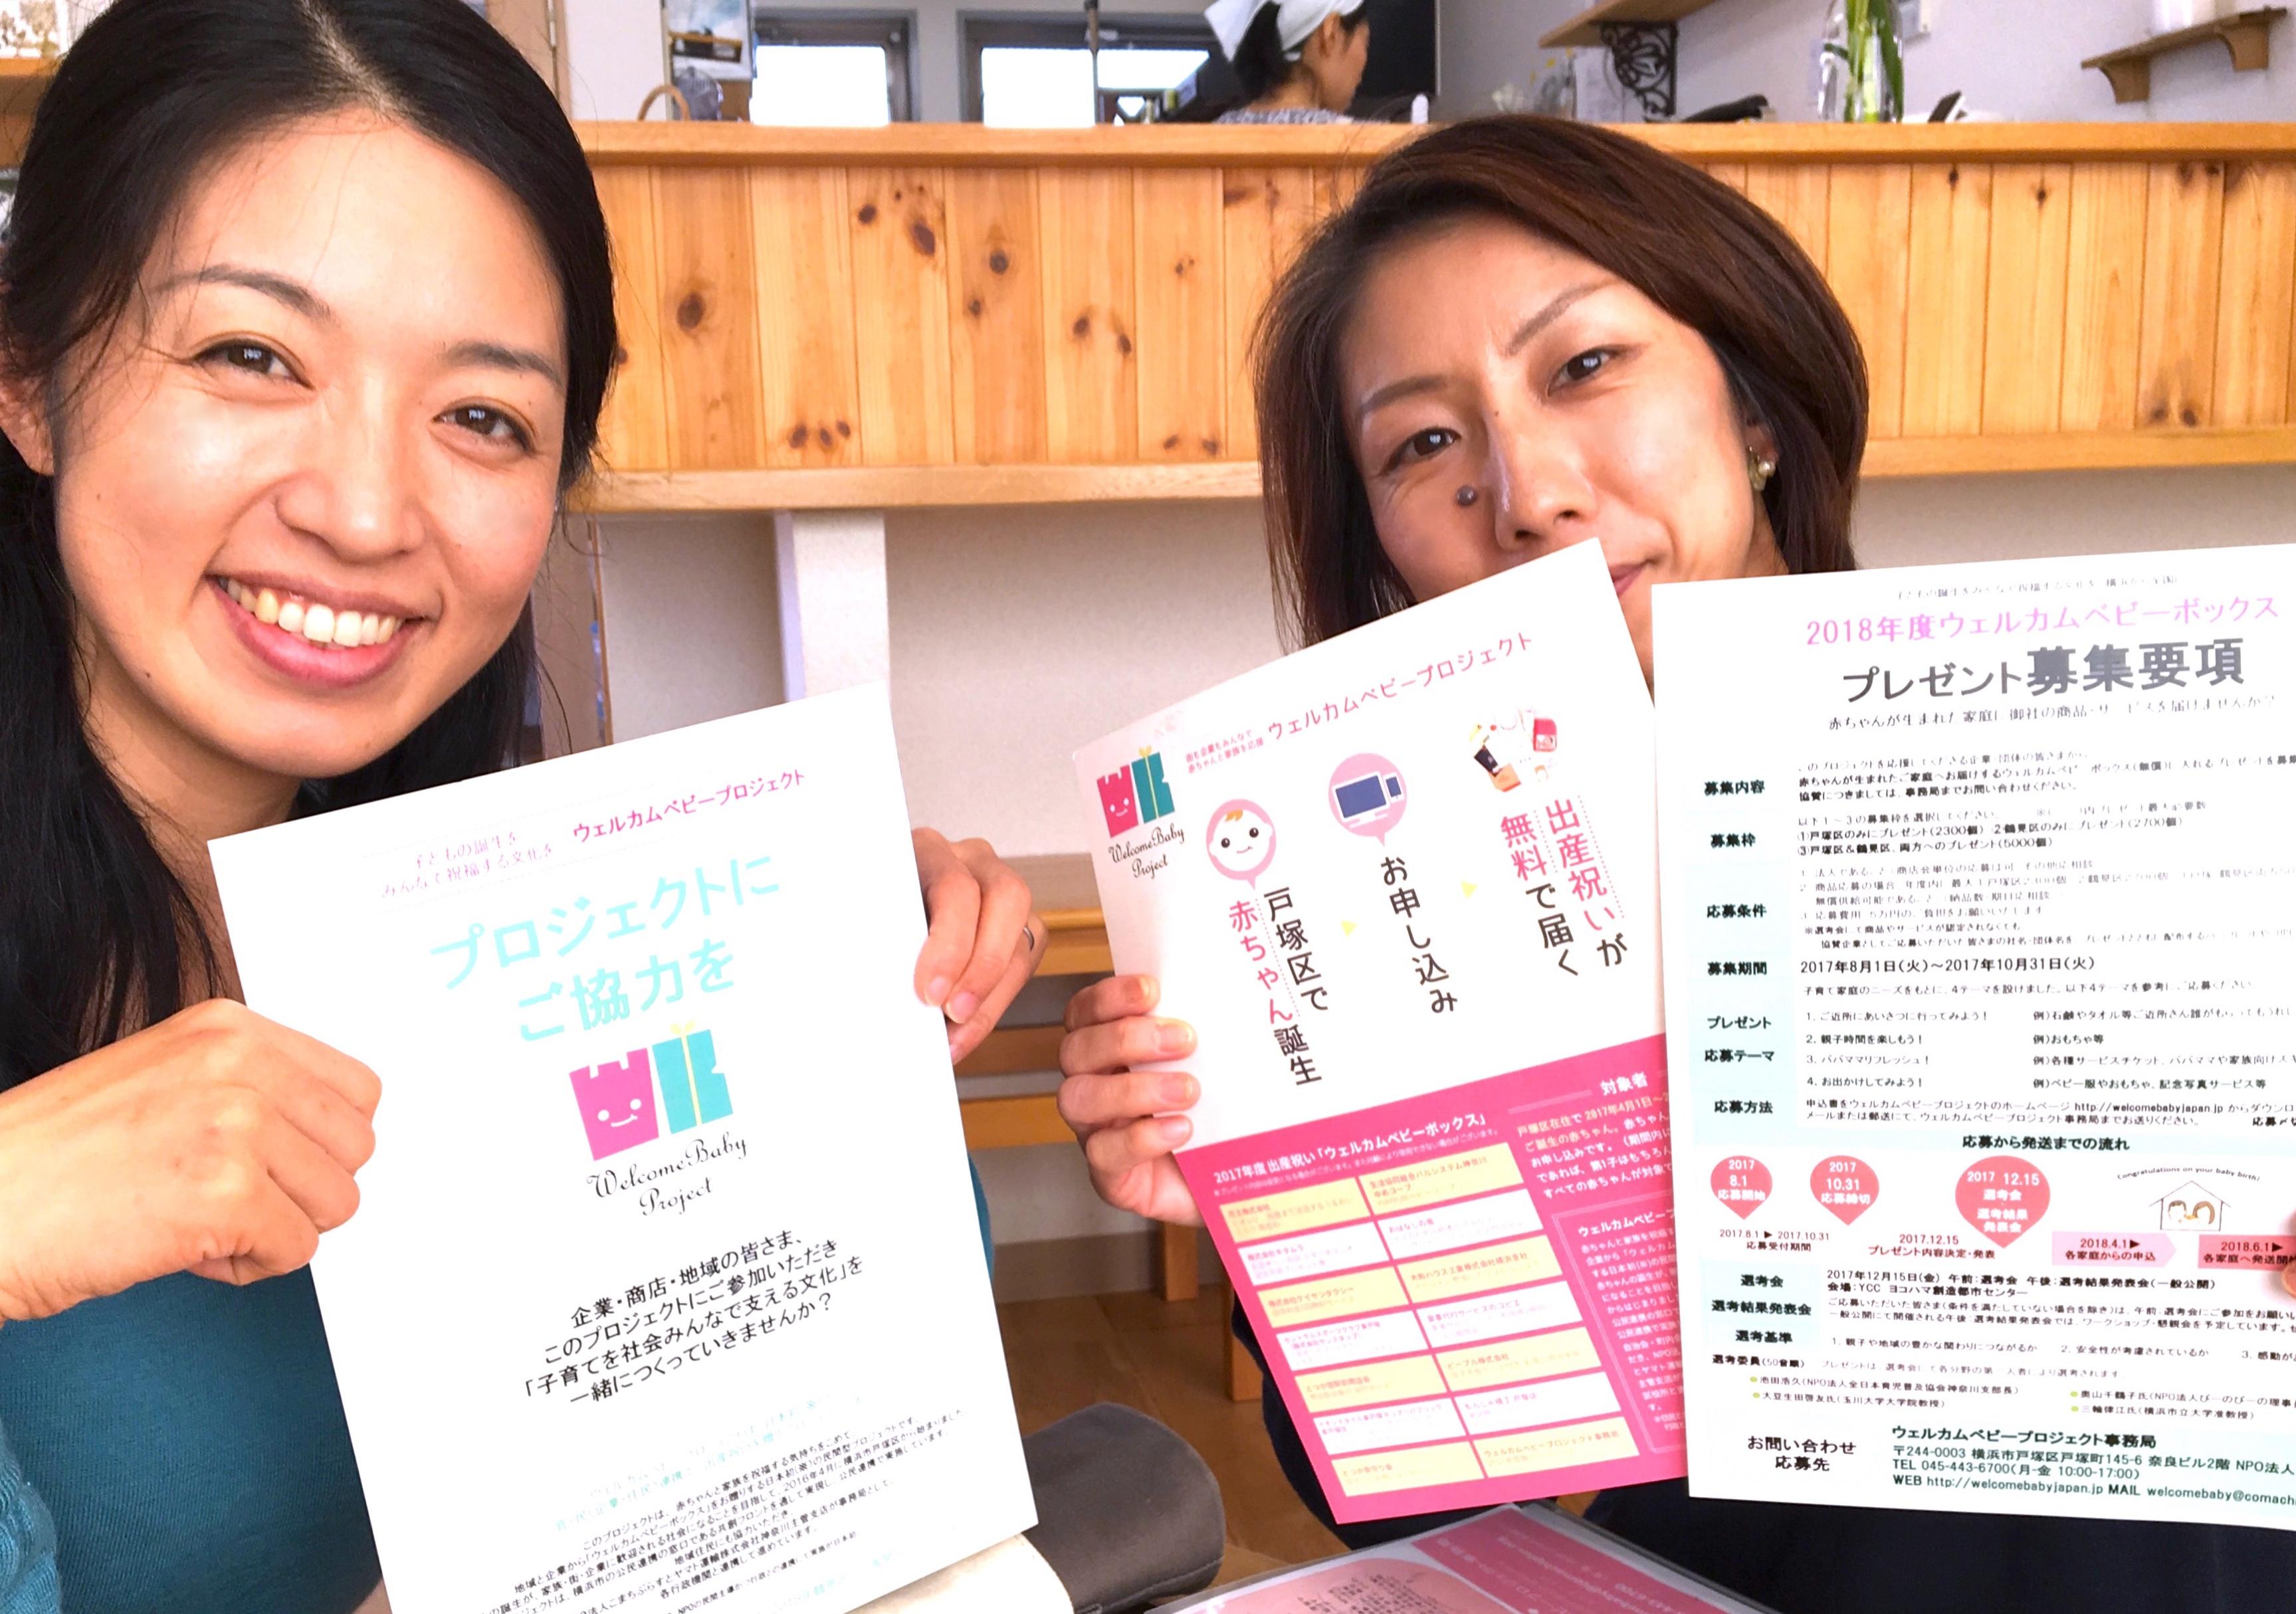 ウェルカムベビープロジェクトのワークショップ第三弾を12月15日(金)に横浜で